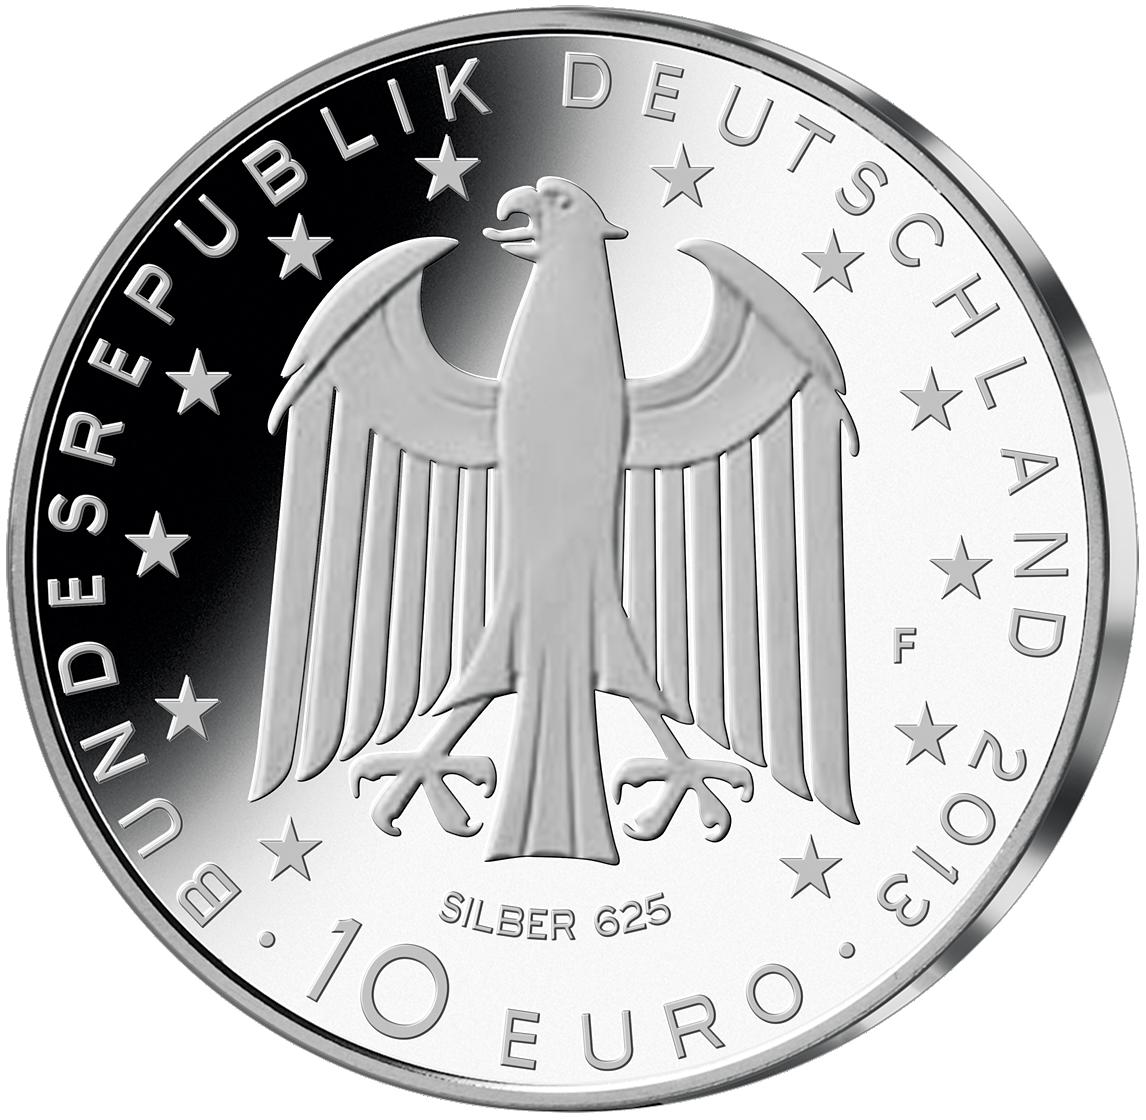 10 Euro Münze Brd Georg Büchner 2013 10 Euro Münzen Euro Münzen